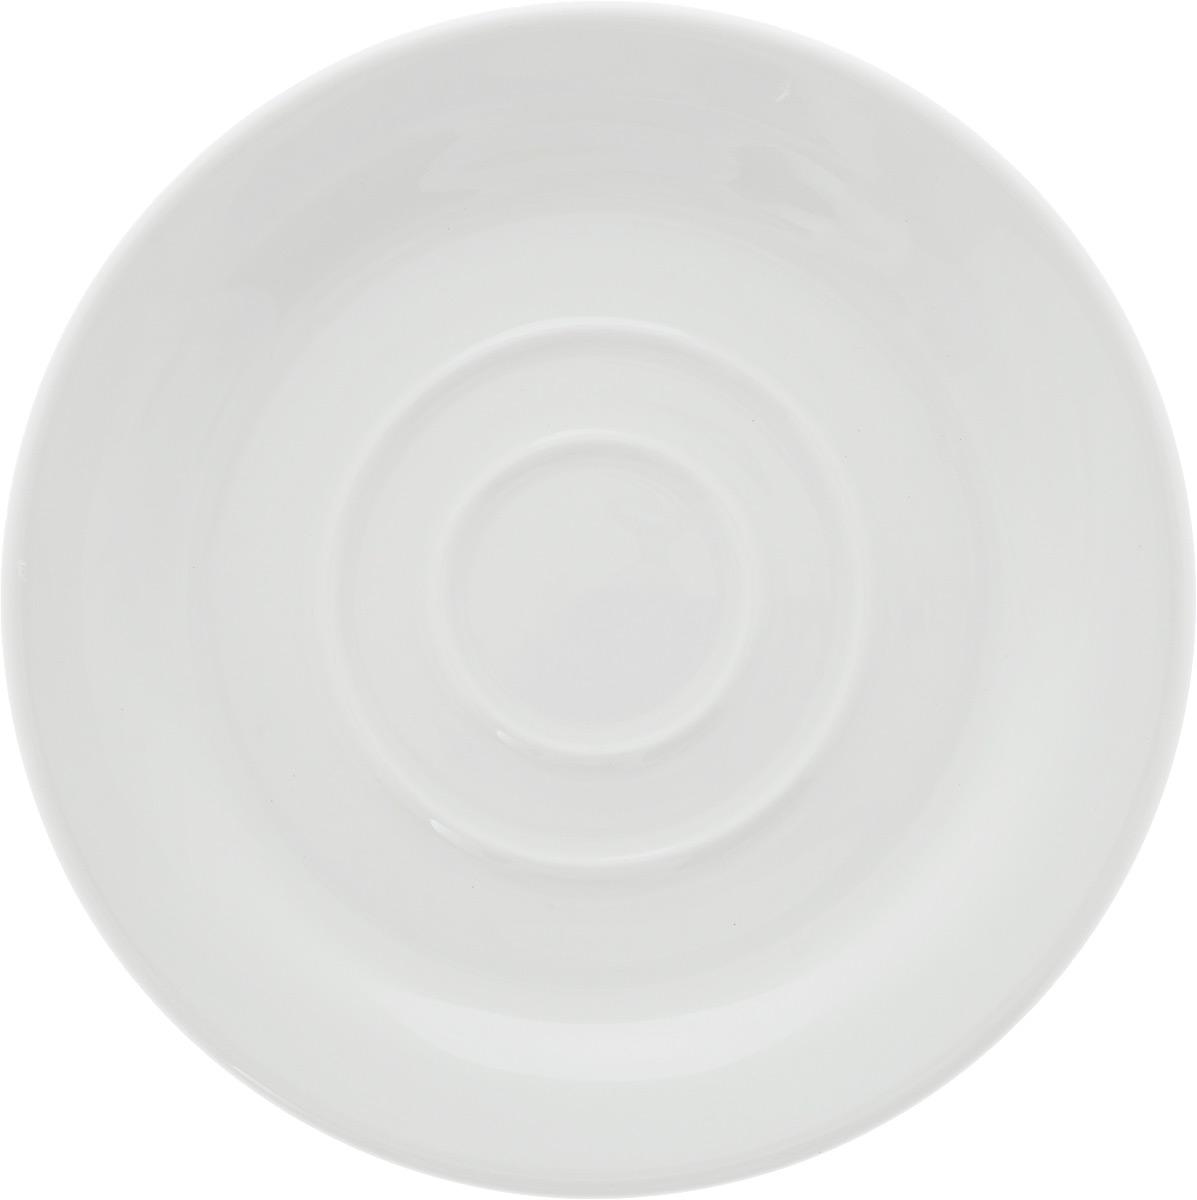 Блюдце Ariane Прайм, для кружки 400 мл, диаметр 16 см1035459Блюдце Ariane Прайм выполнено из первоклассного фарфора в однотонном классическом дизайне. Фарфор Ariane, сделанный из высококачественного сырья, способен выдерживать любые интенсивные нагрузки и использование в индустрии общественного питания, которое известно своими высокими стандартами качества. Уникальный состав сырья, новейшие технологии и контроль качества гарантируют: - снижение риска сколов, - повышение термической и механической прочности, - высокую сопротивляемость шоковым воздействиям, - высокую устойчивость к истиранию, - устойчивость к царапинам, - возможность использования в духовых, микроволновых печах и посудомоечных машинах без потери внешнего вида, - гладкий и блестящий внешний вид, - абсолютную функциональность, - относительную безопасность в случае боя, защиту от деформации.